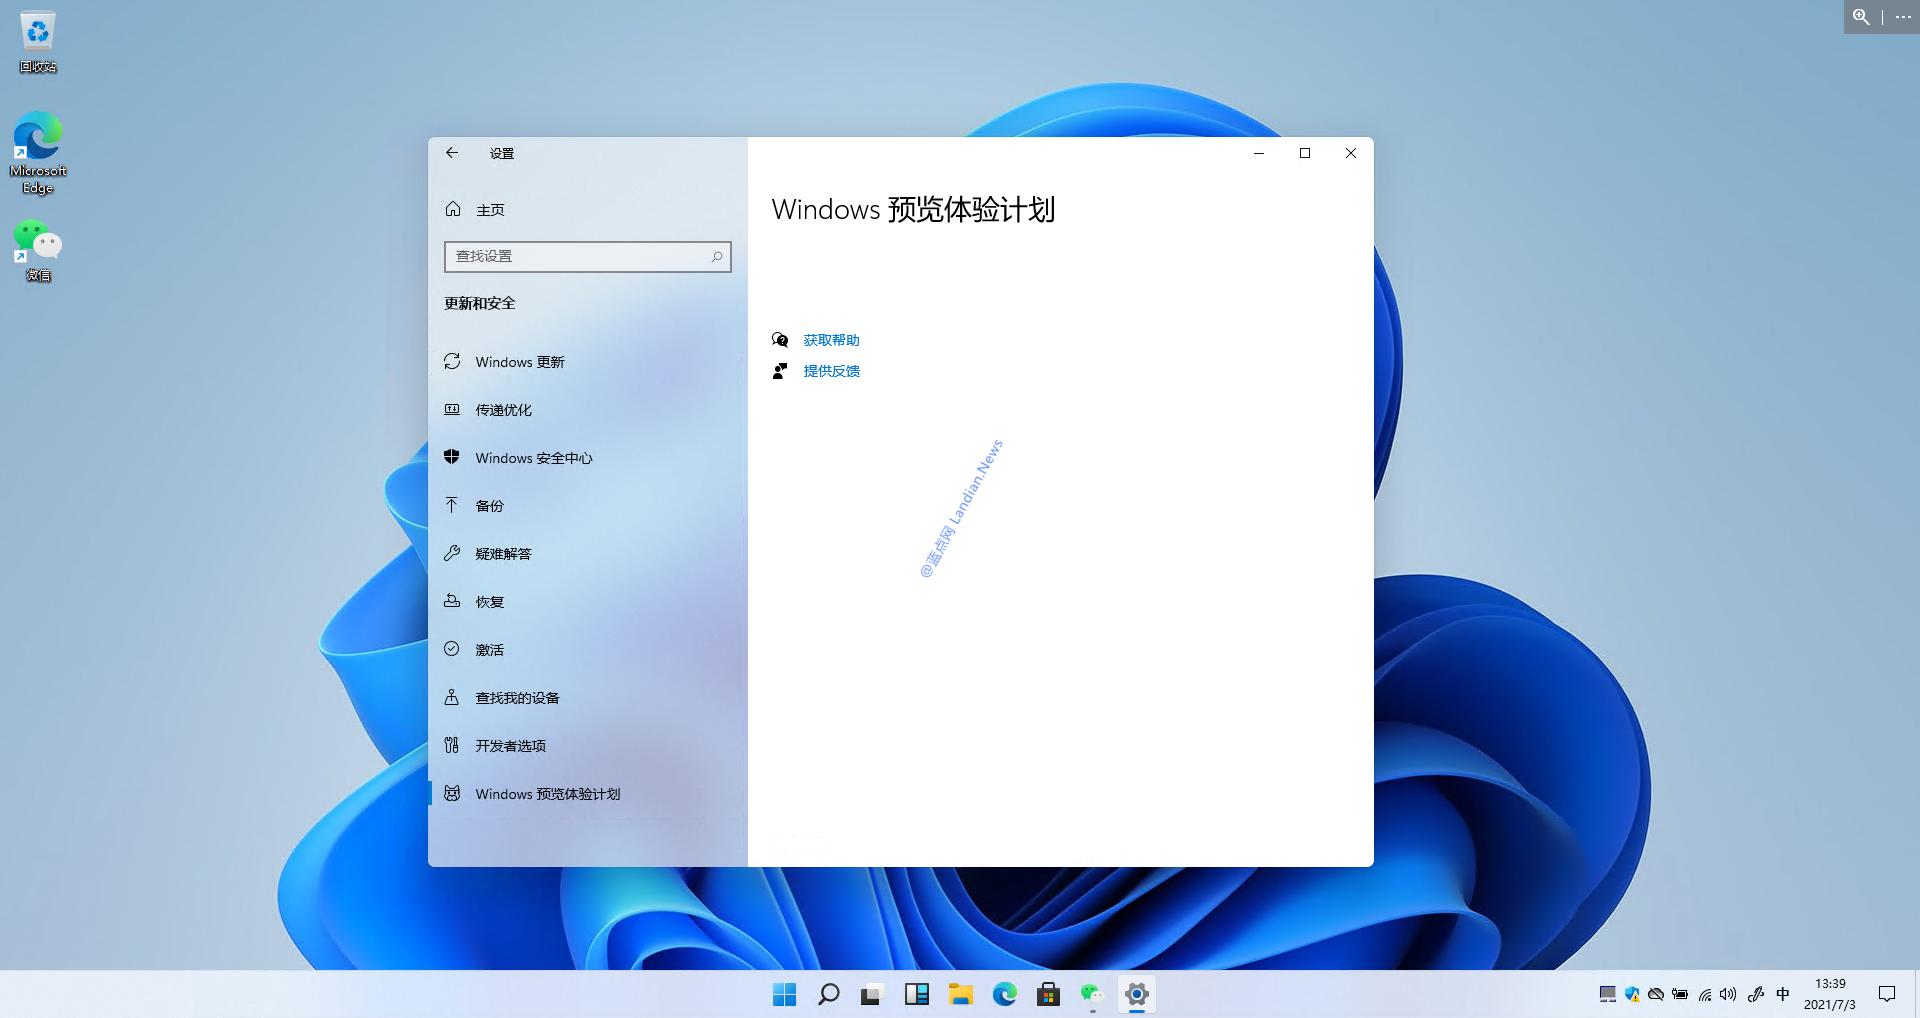 [教程] 组策略设置版参与Windows 11测试计划 设置后可立即获得最新